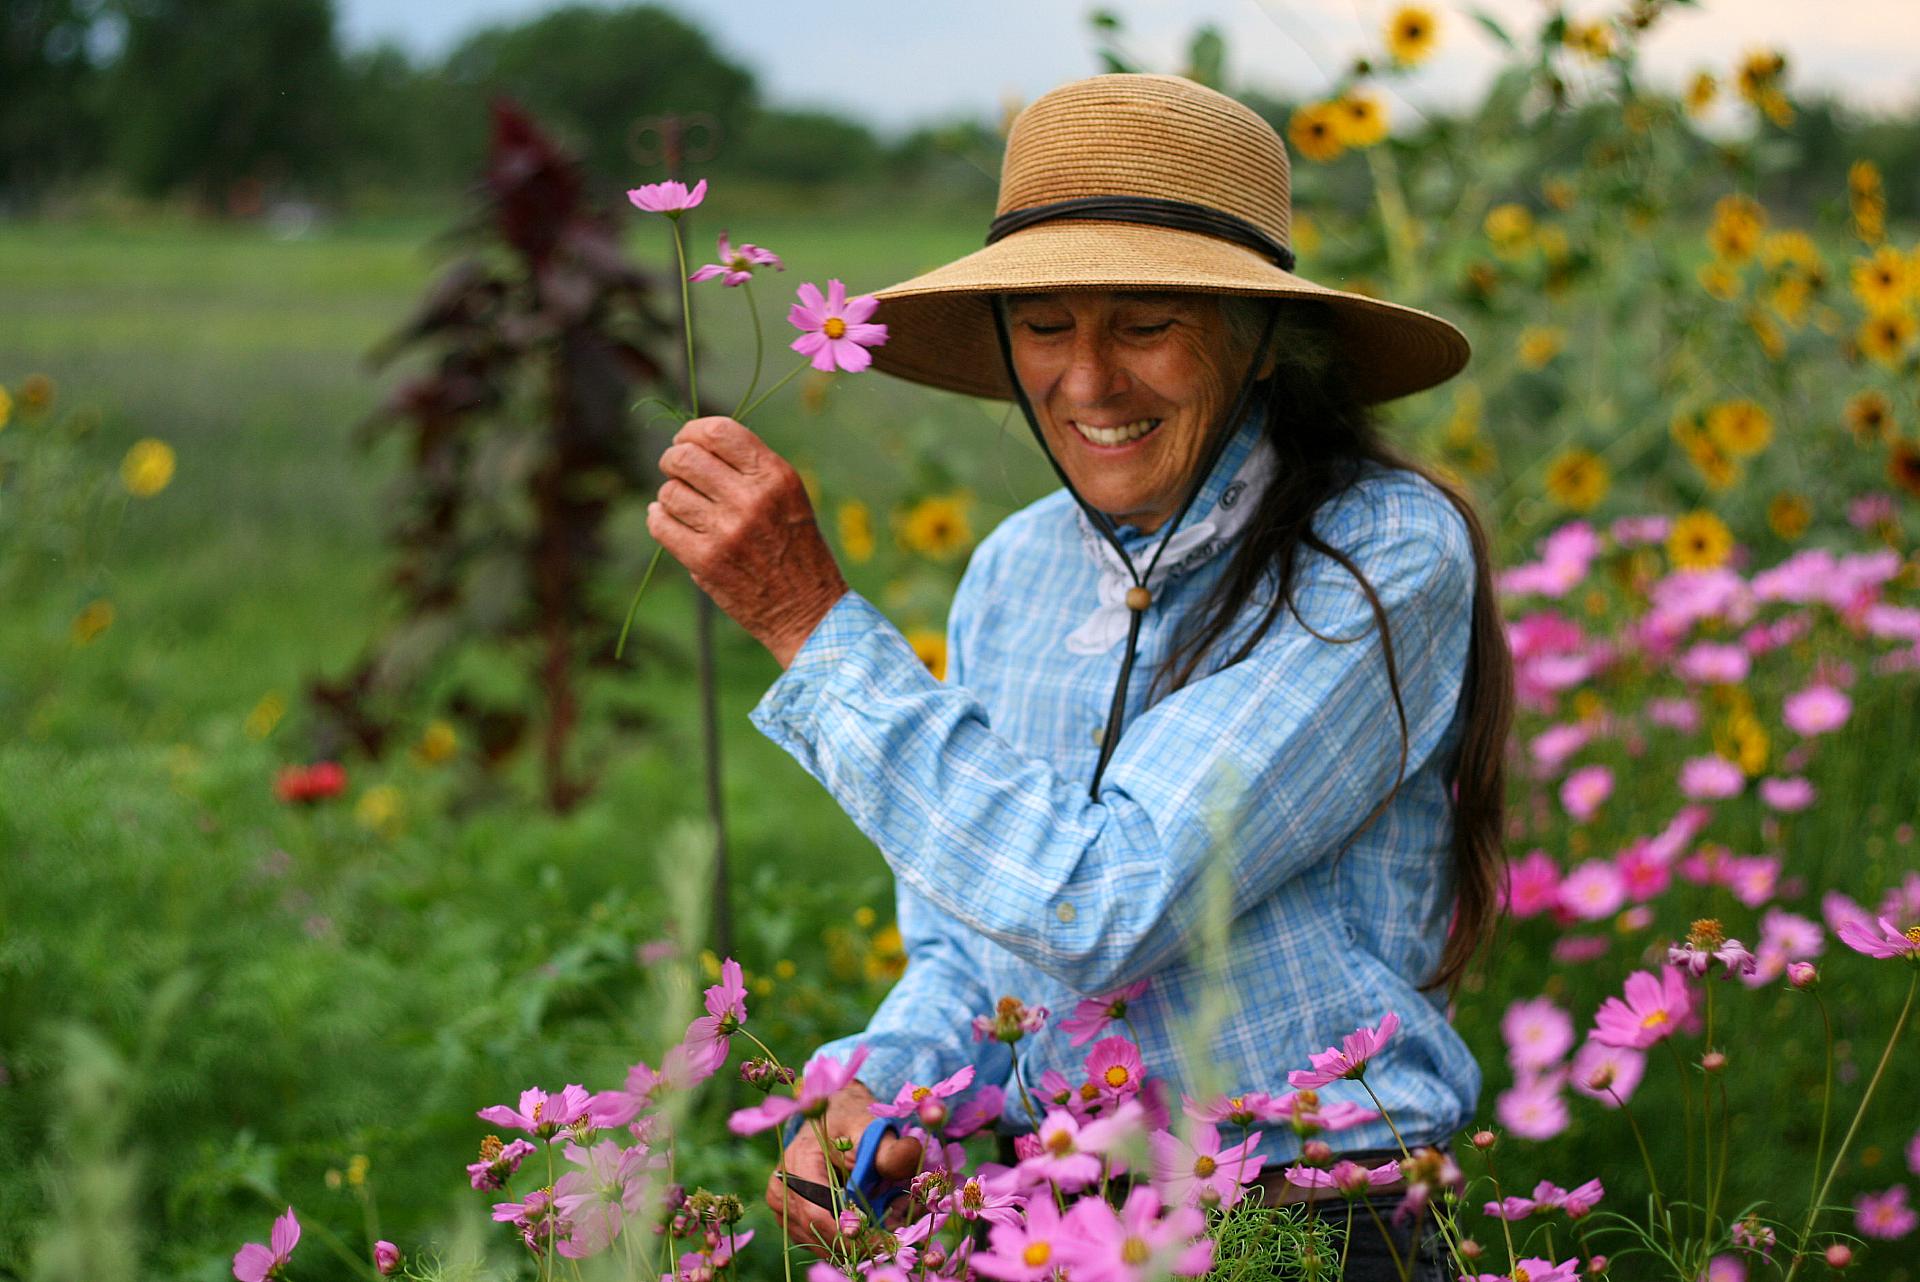 Karen Witten, Master Gardener for Frost Livestock